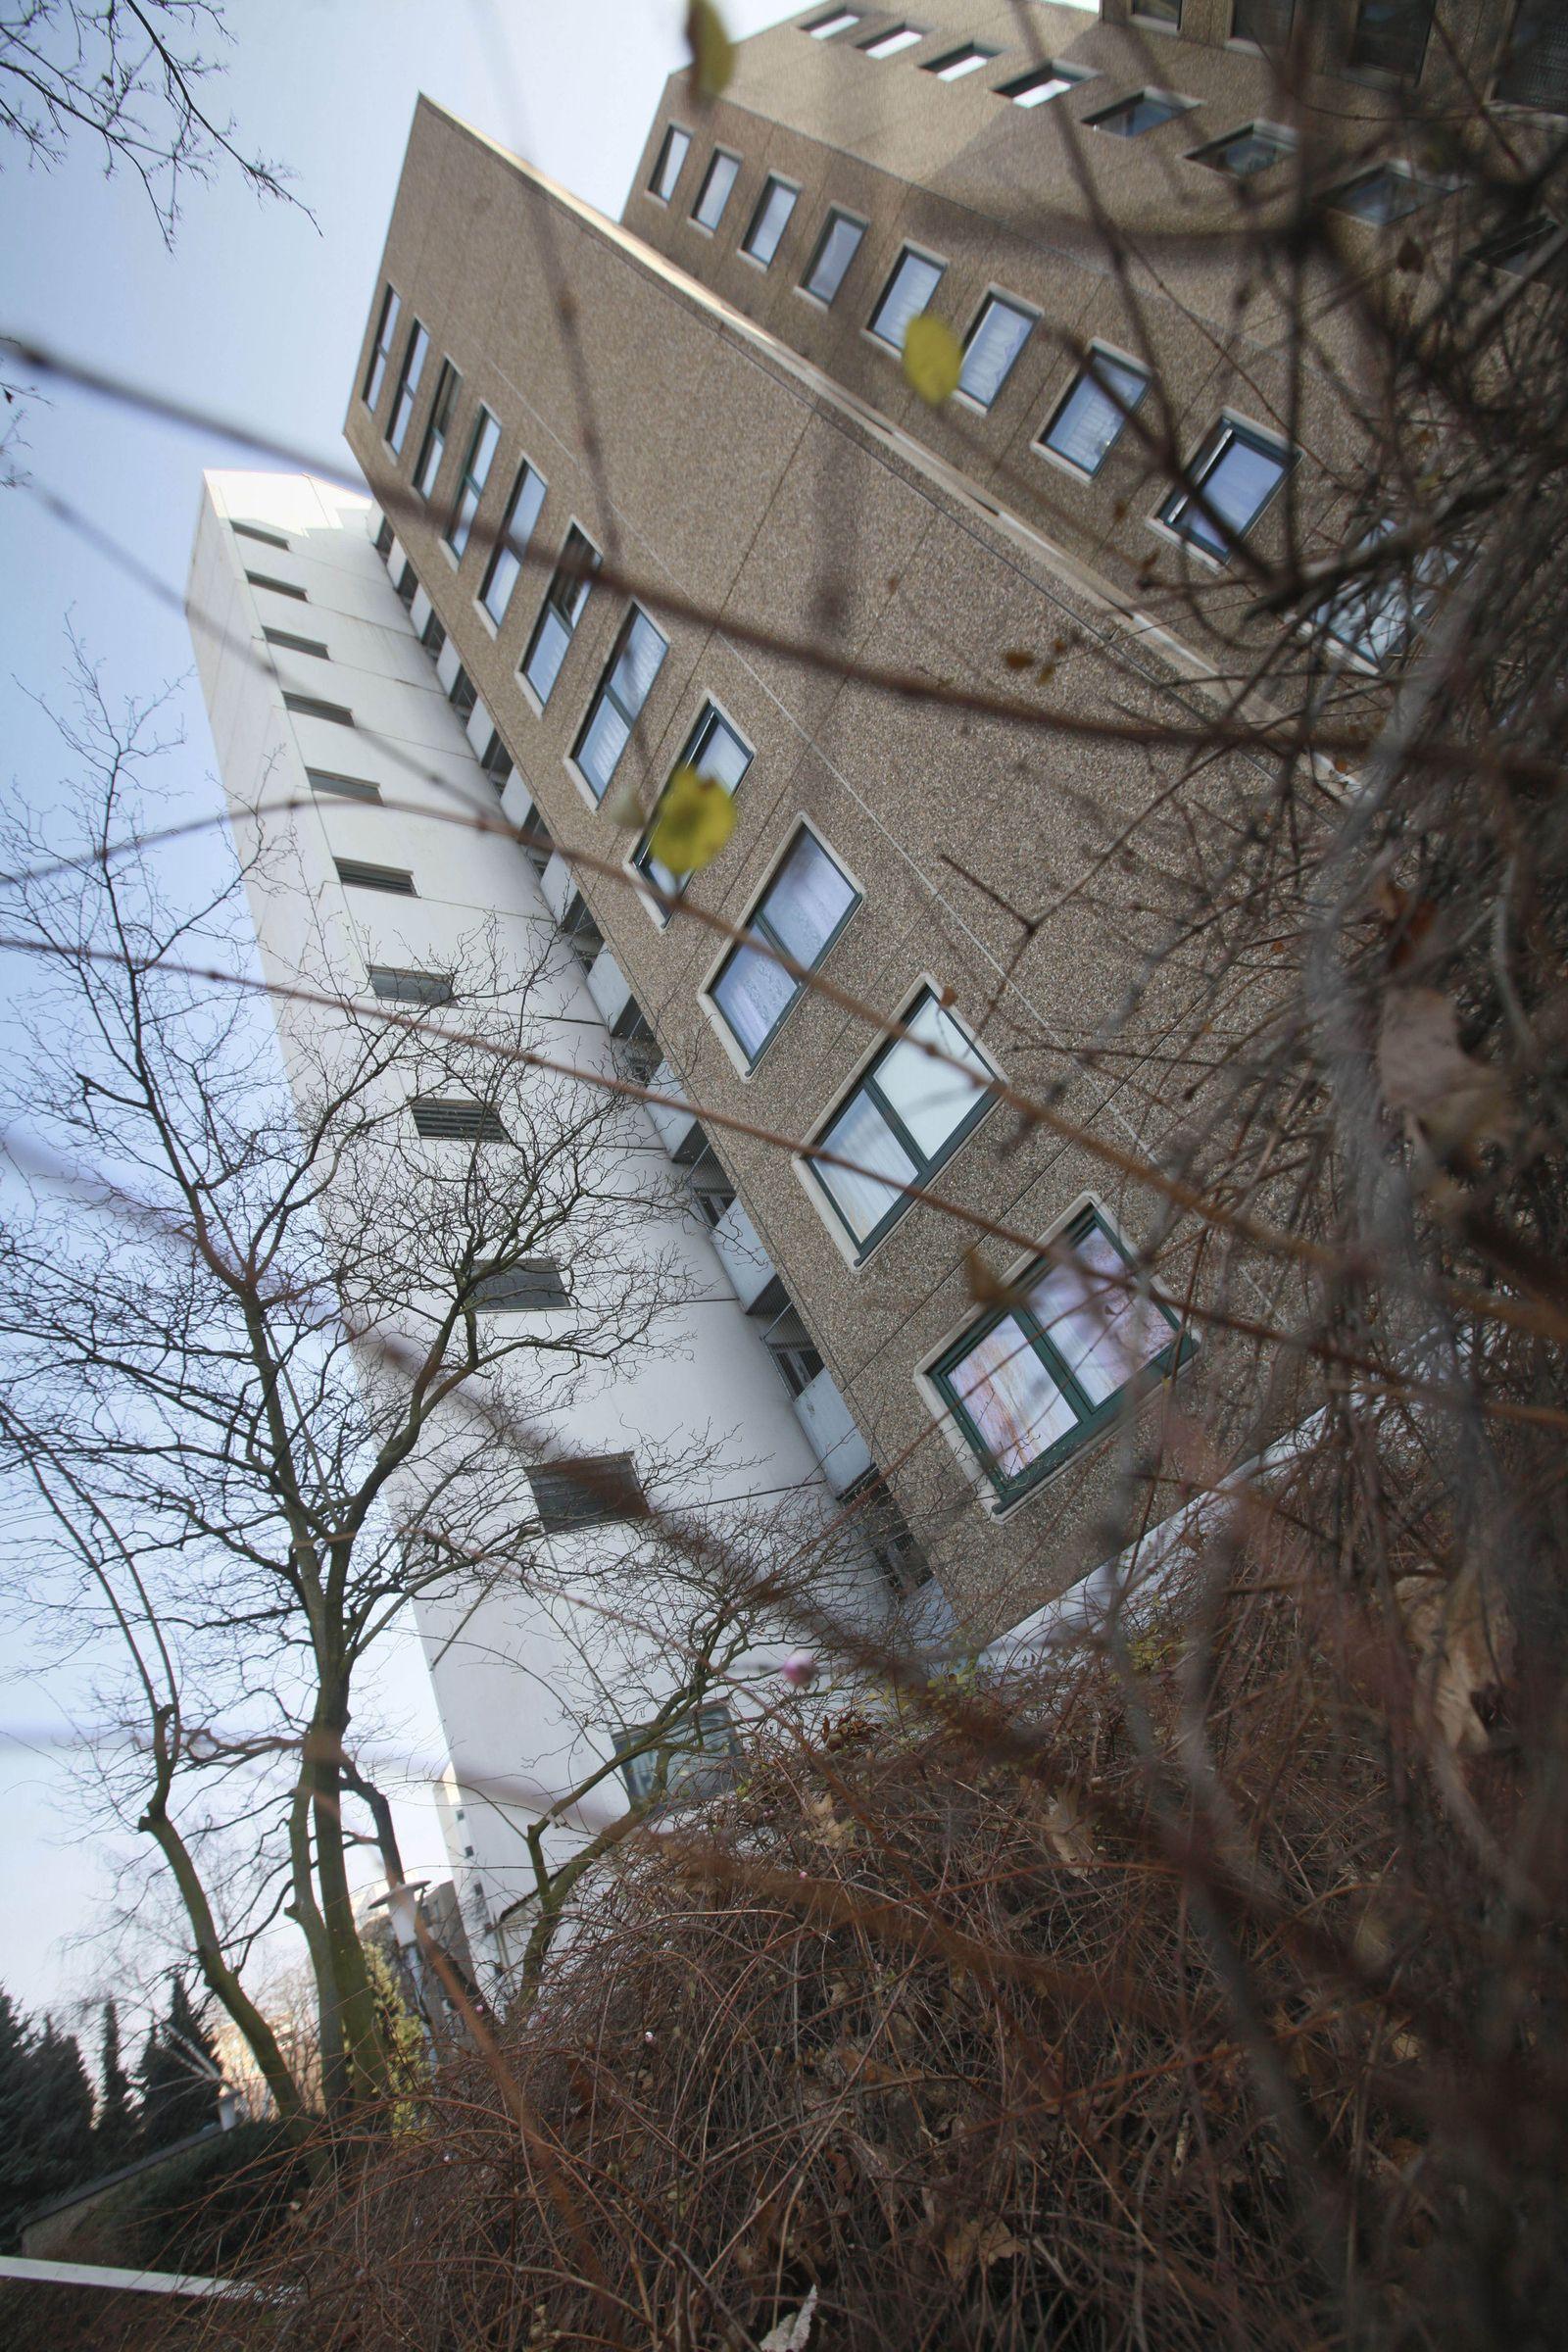 Frankfurt wohnhaus attentäter